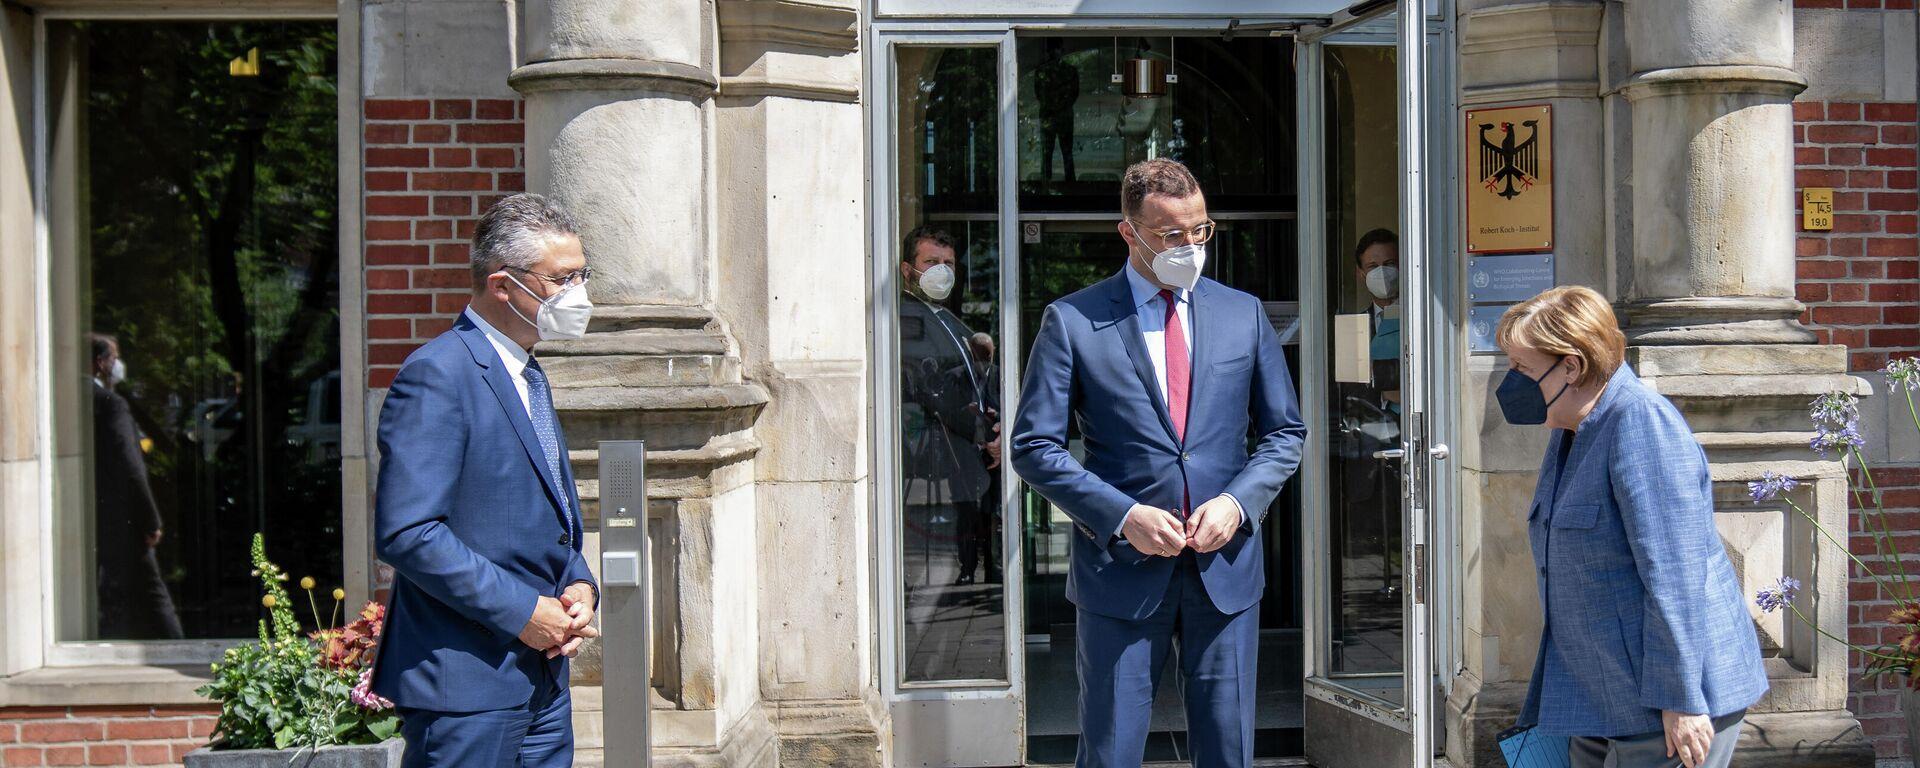 Bundeskanzlerin Angela Merkel wird von Bundesgesundheitsminister Jens Spahn und RKI-Chef Lothar Wieler bei einem Besuch am RKI am 13. Juli 2021 begrüsst.  - SNA, 1920, 13.07.2021